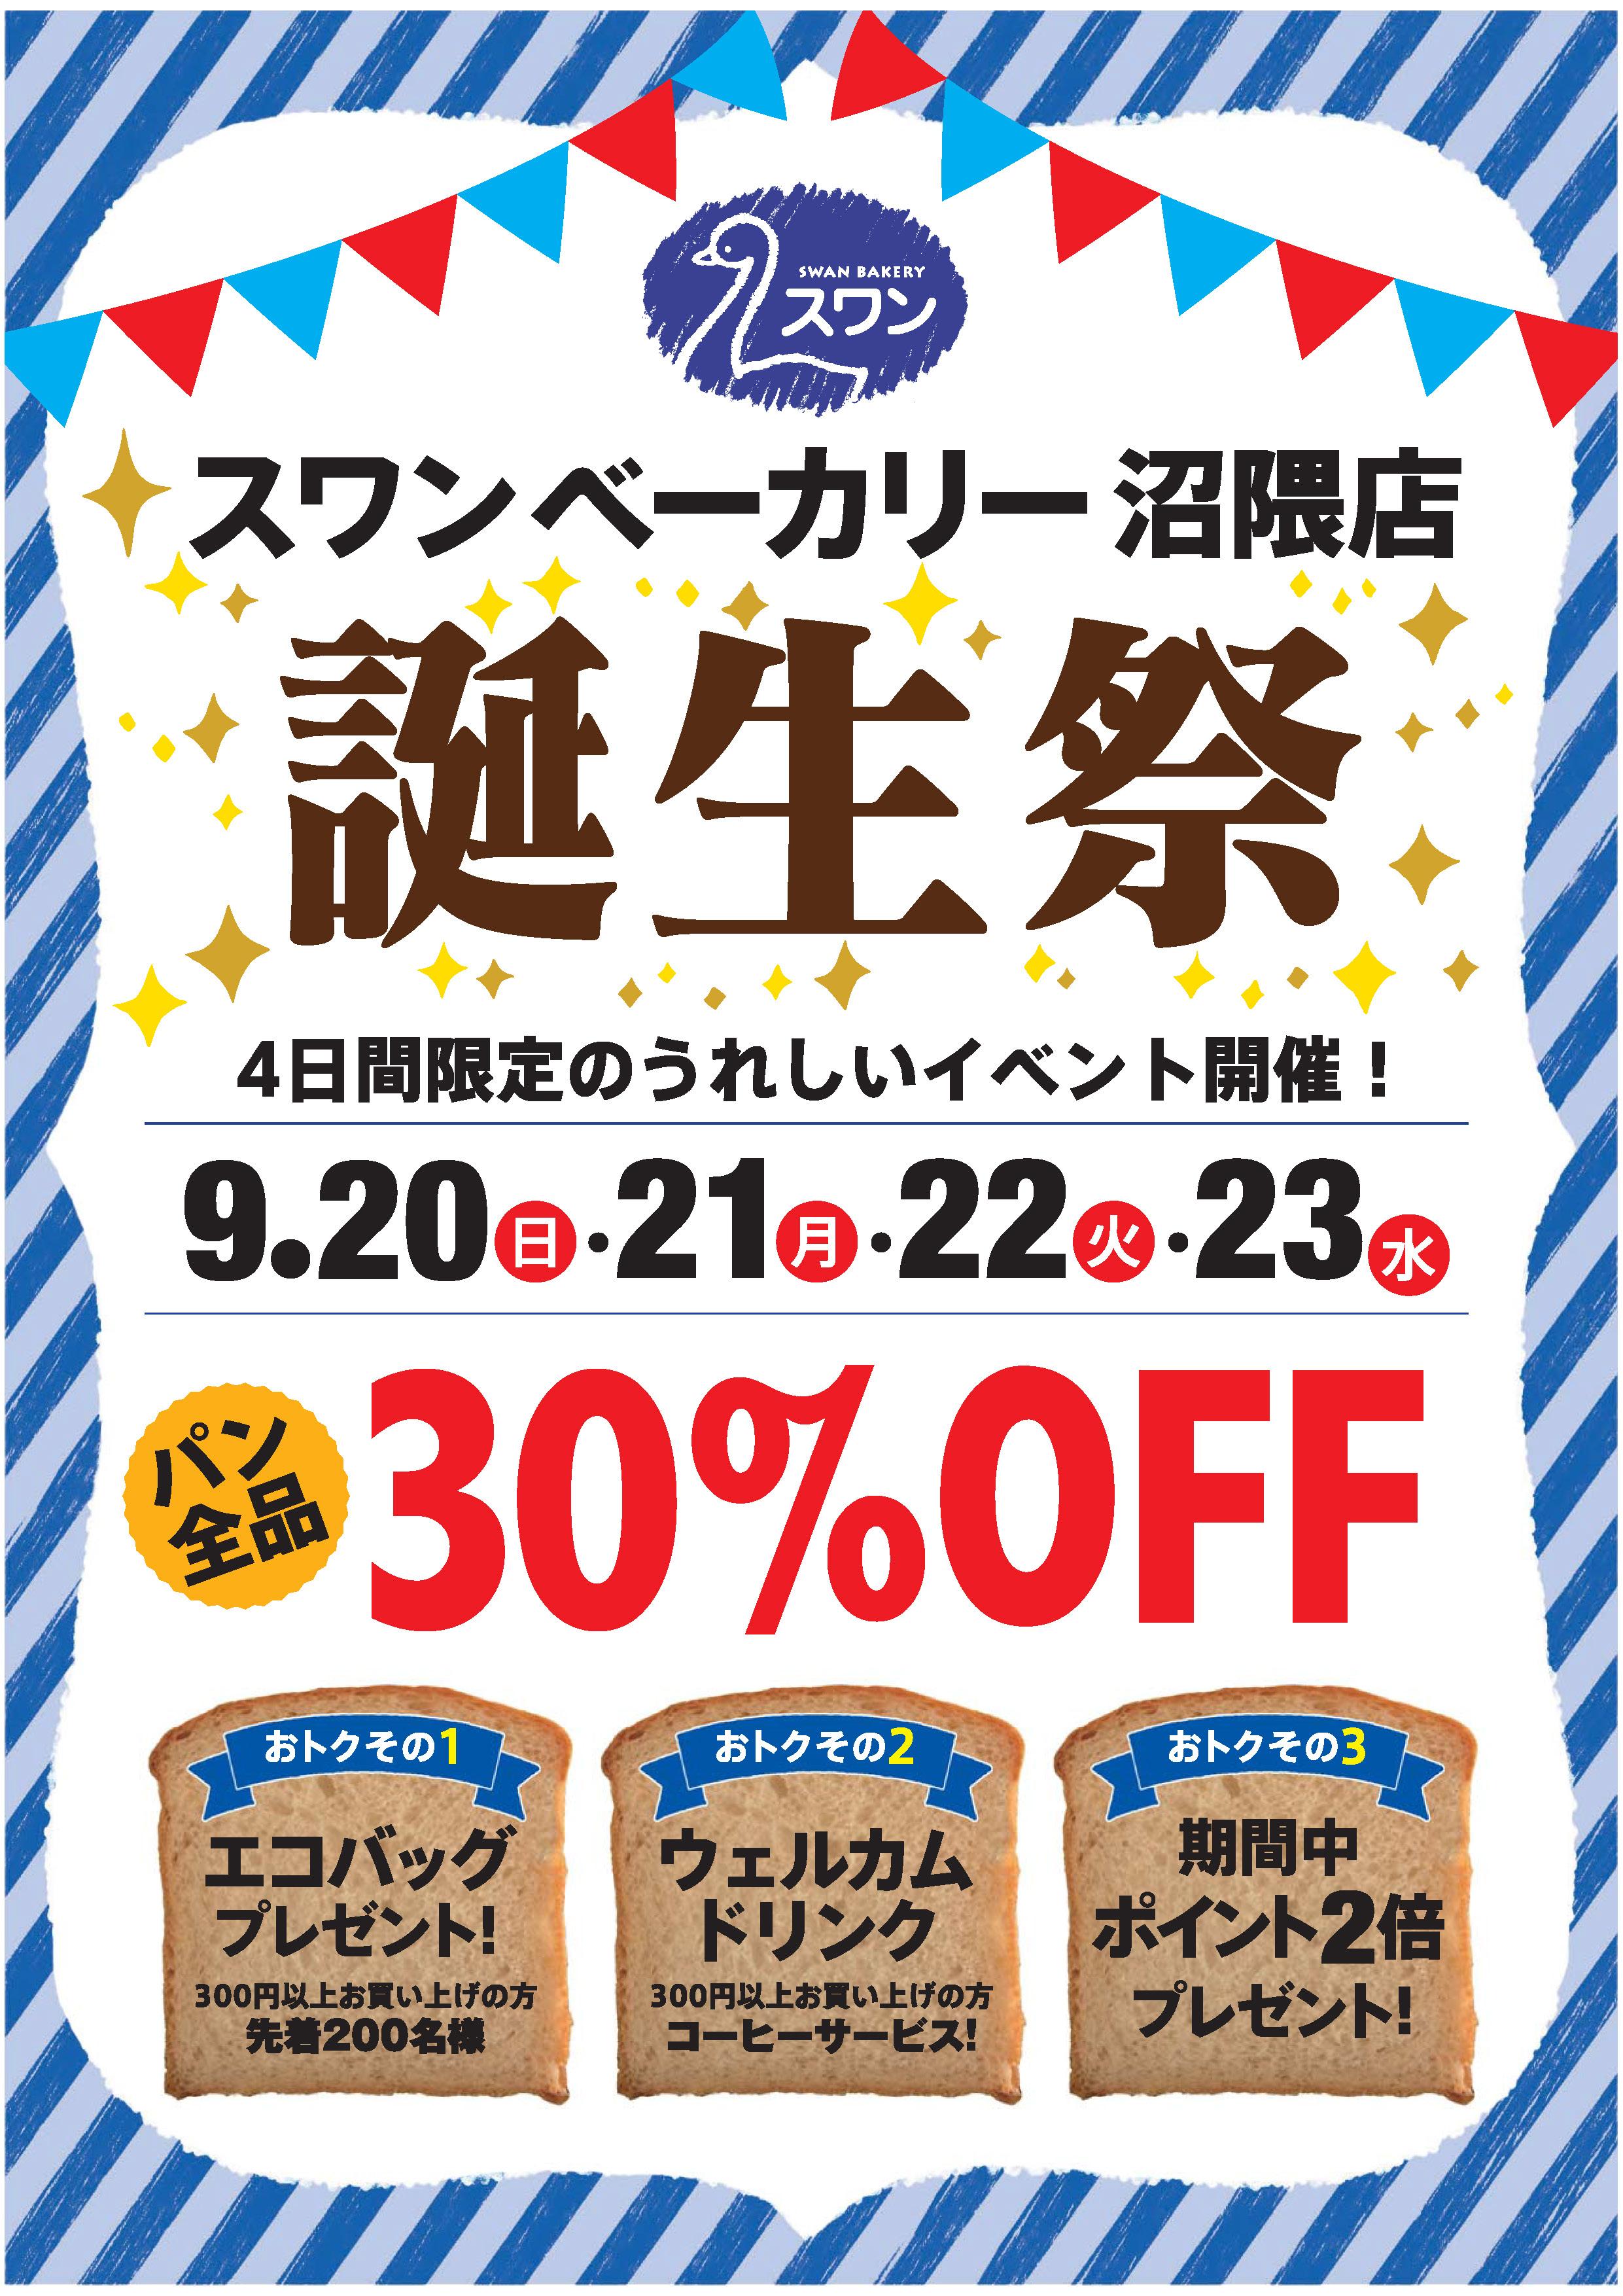 スワンベーカリー沼隈店 Happy 7th Anniversary ~ 9/20から4日間限定の誕生祭イベント開催!